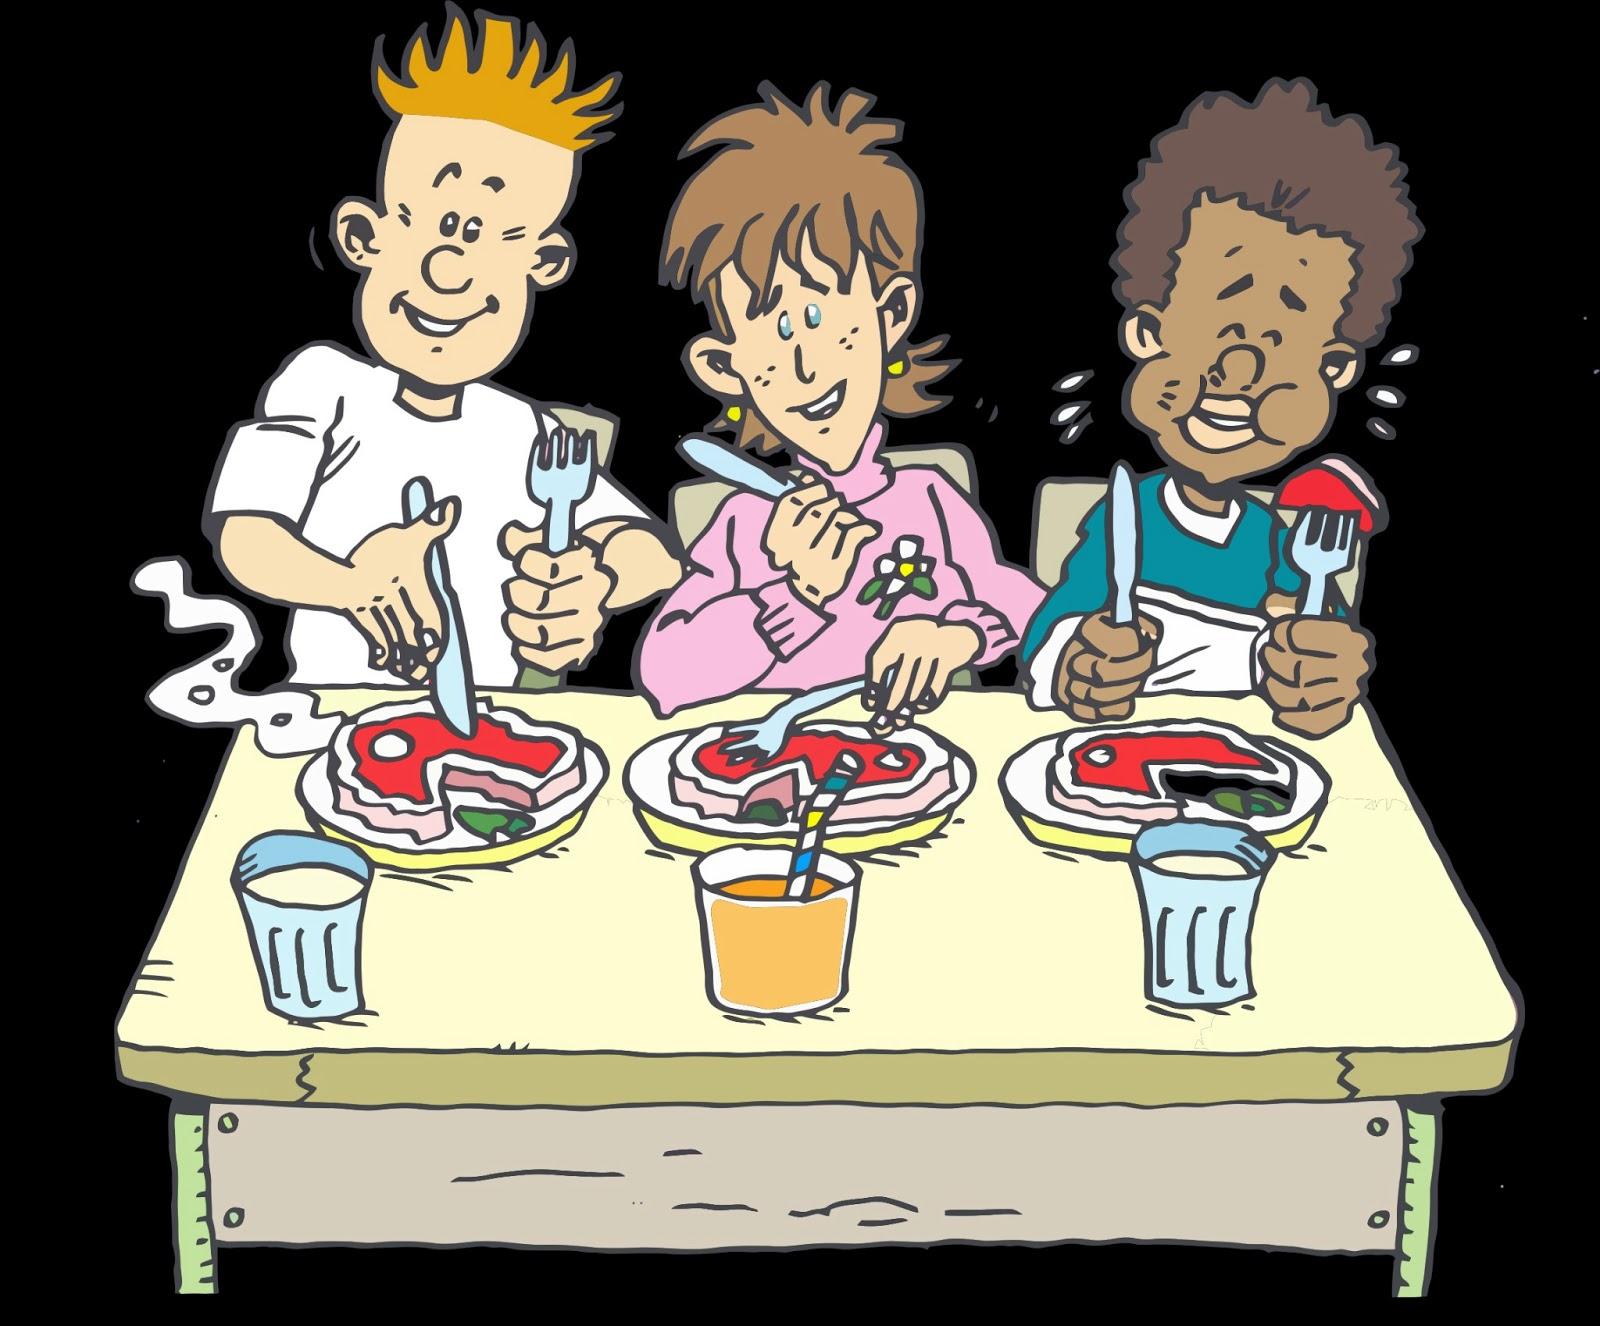 Nap i col ram n exige que los comedores escolares - Convenio monitor comedor escolar ...